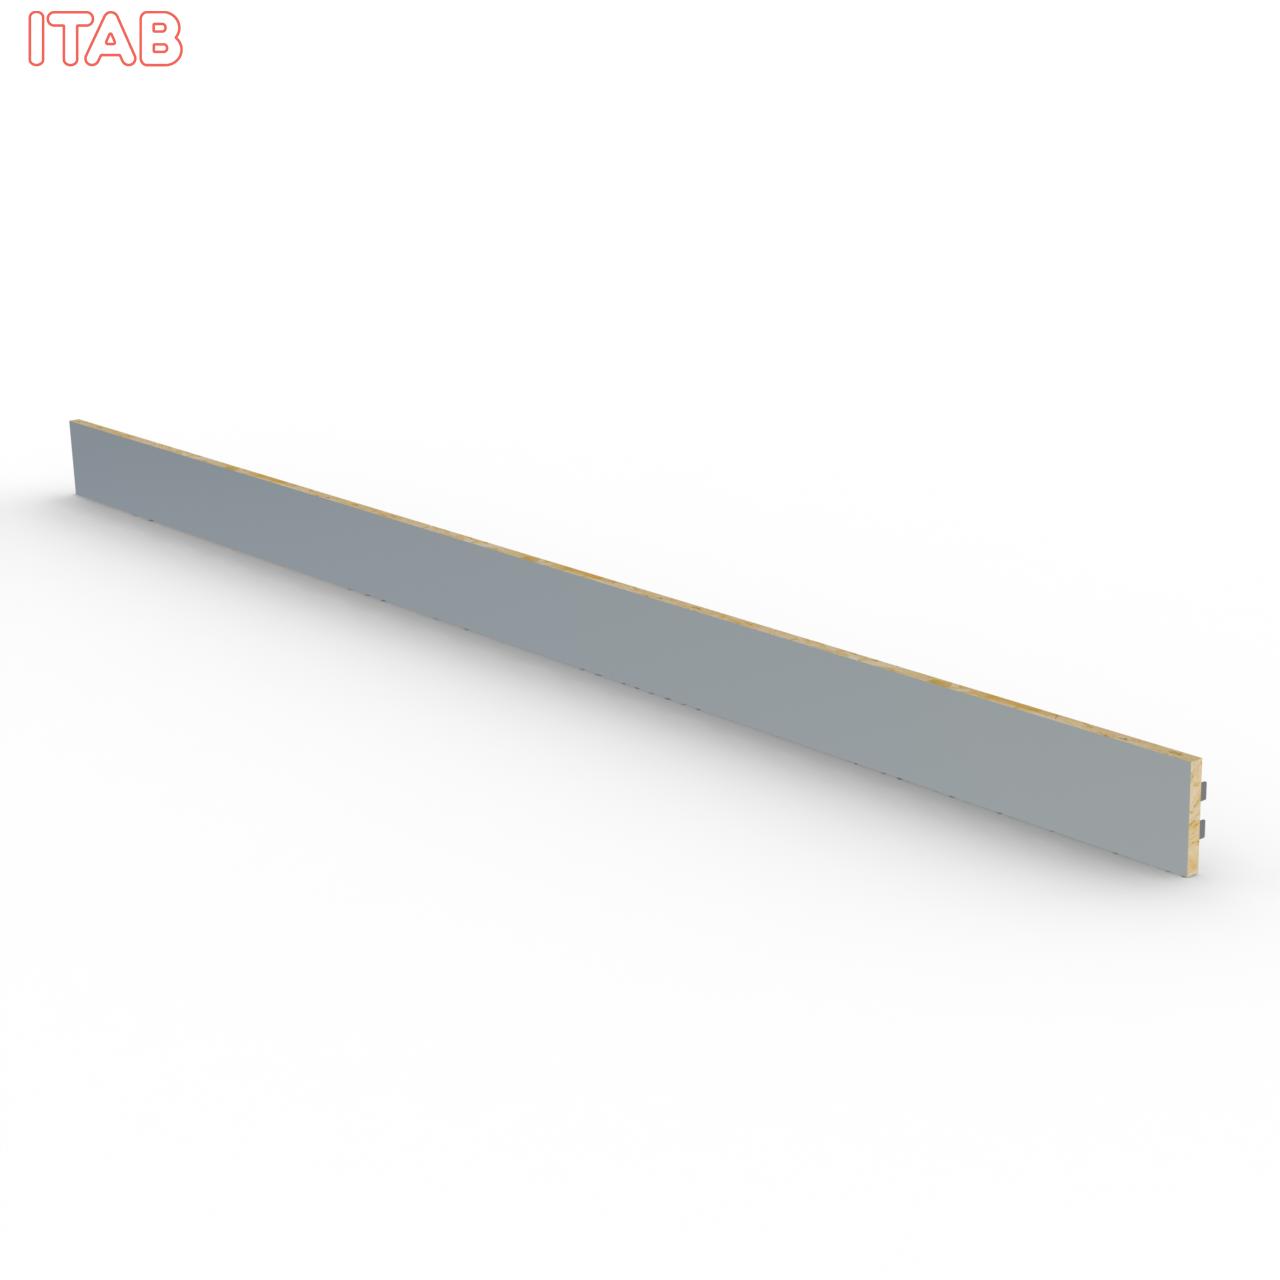 Sokkeli 180x10